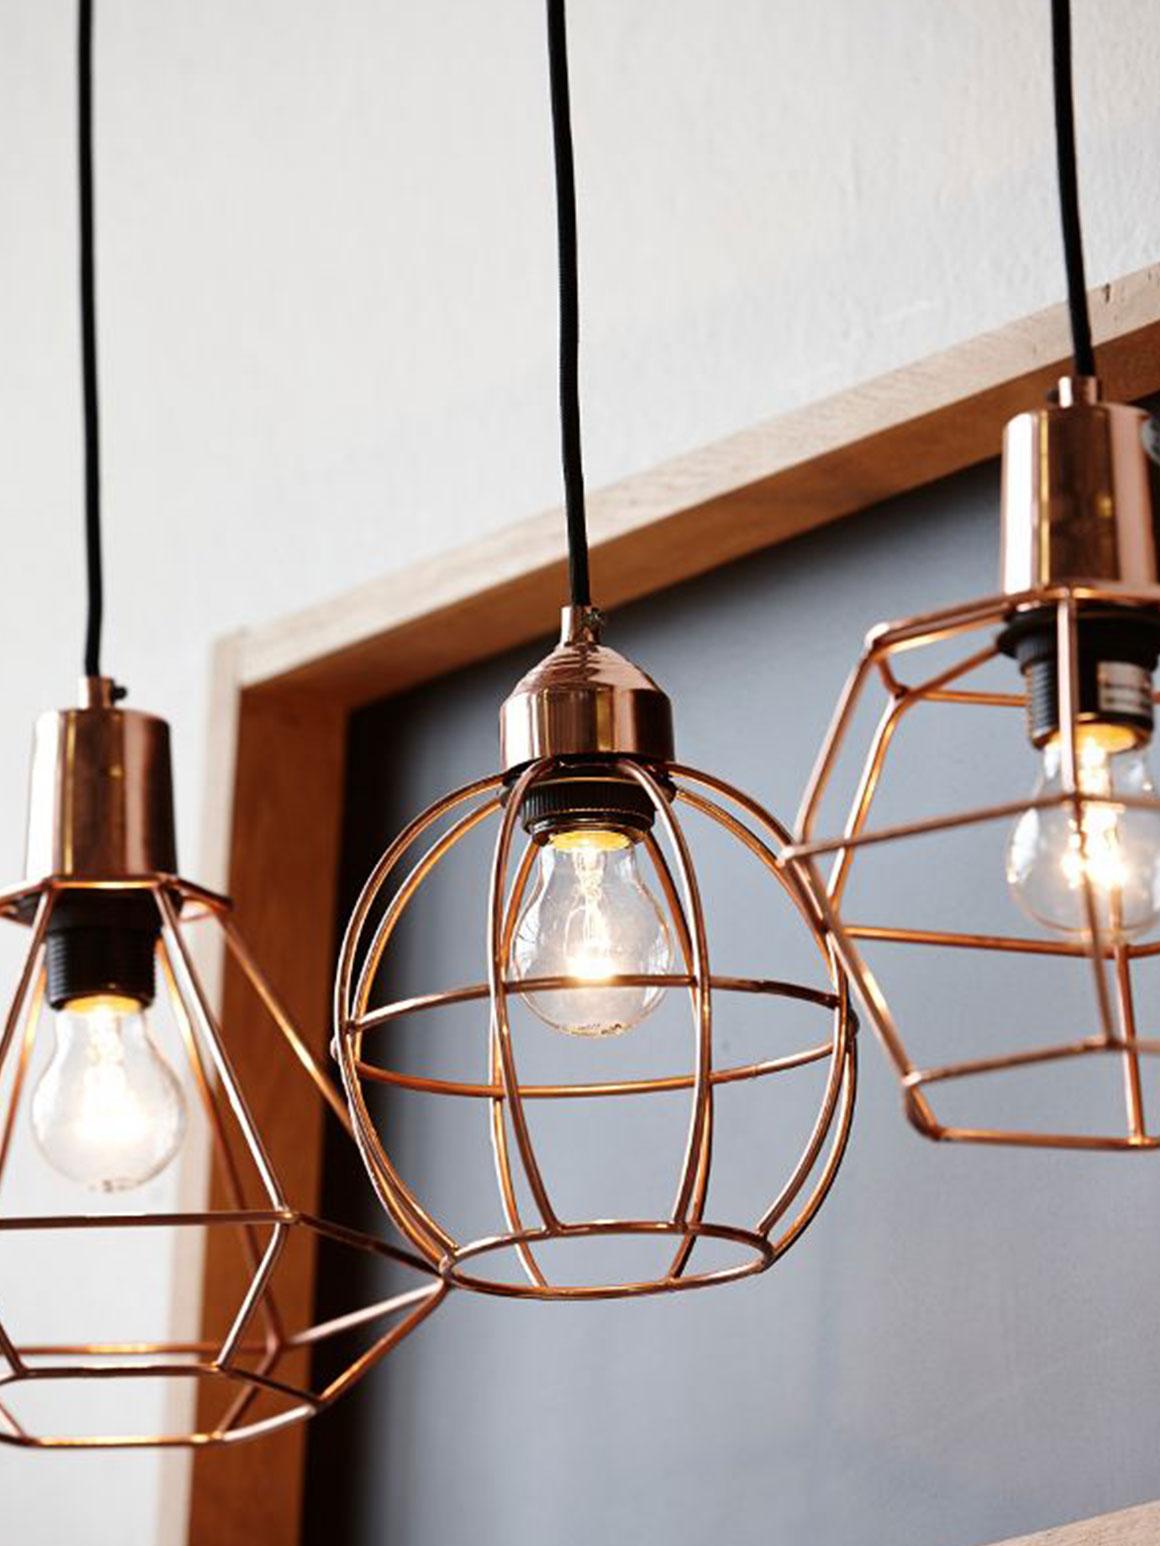 Draadlampen zijn leuk my simply special for Lampen 4room